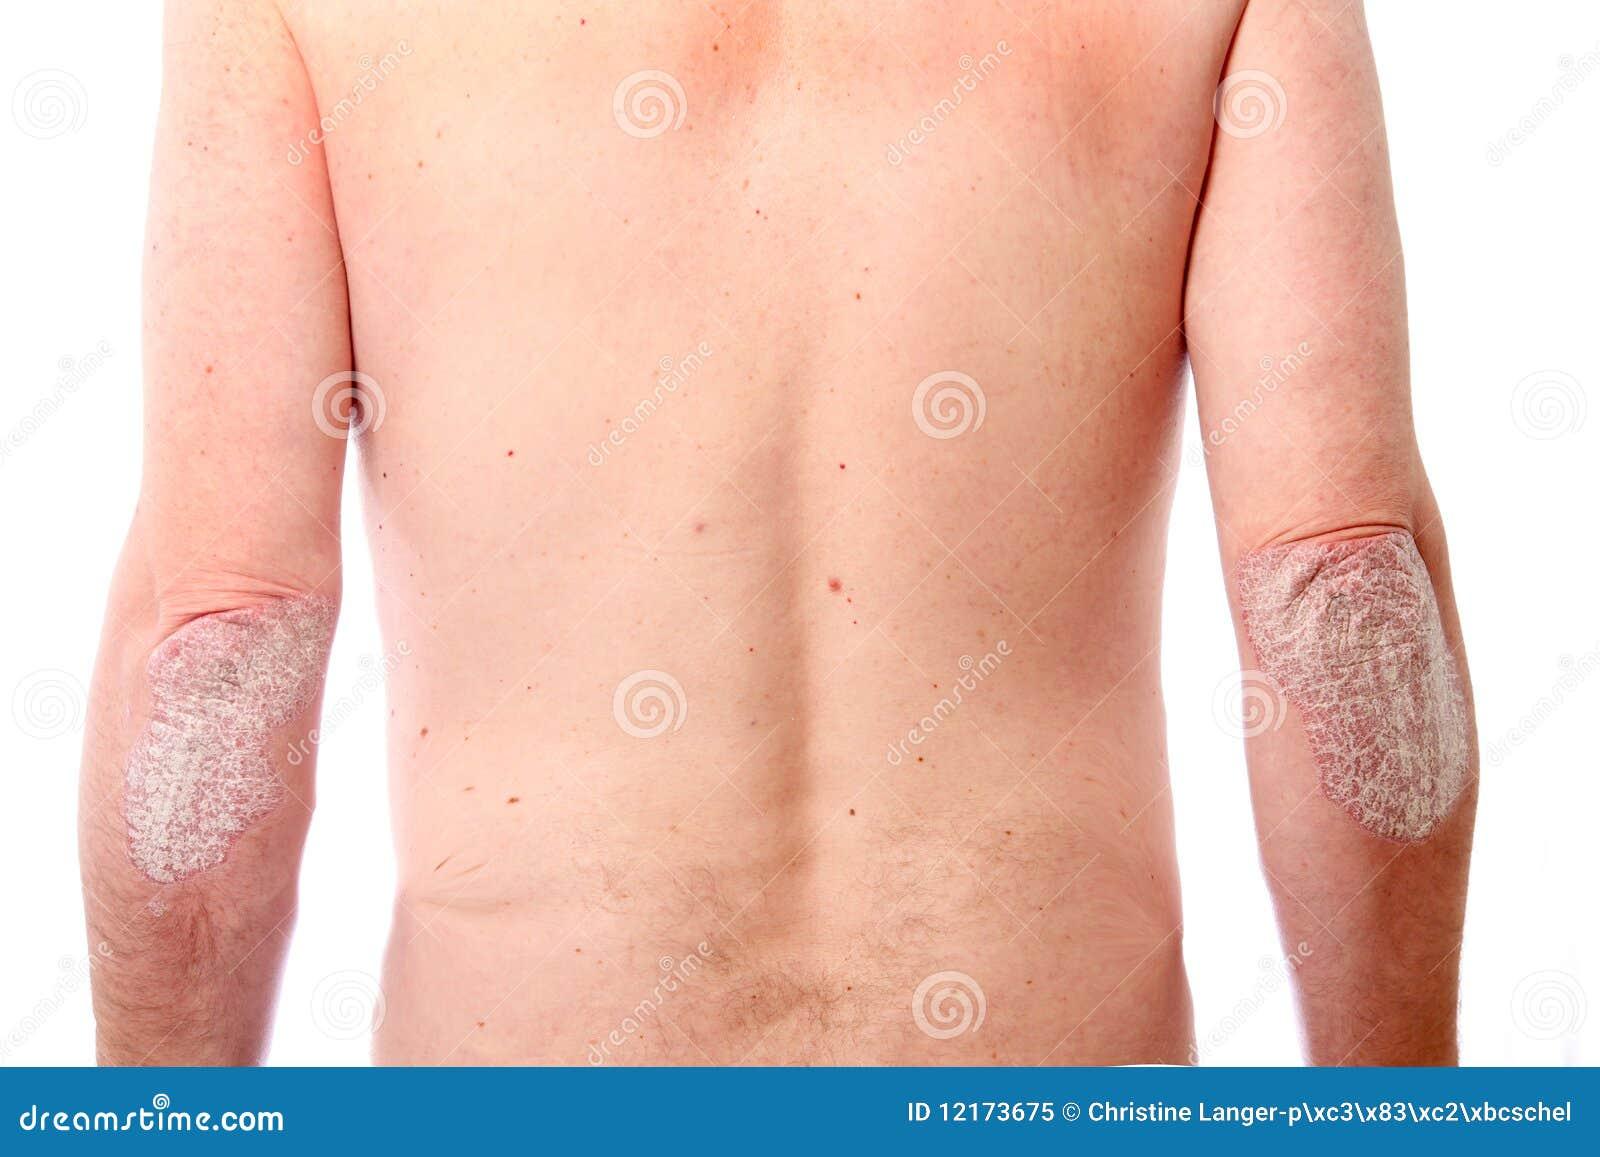 Le psoriasis de la peau dans les images